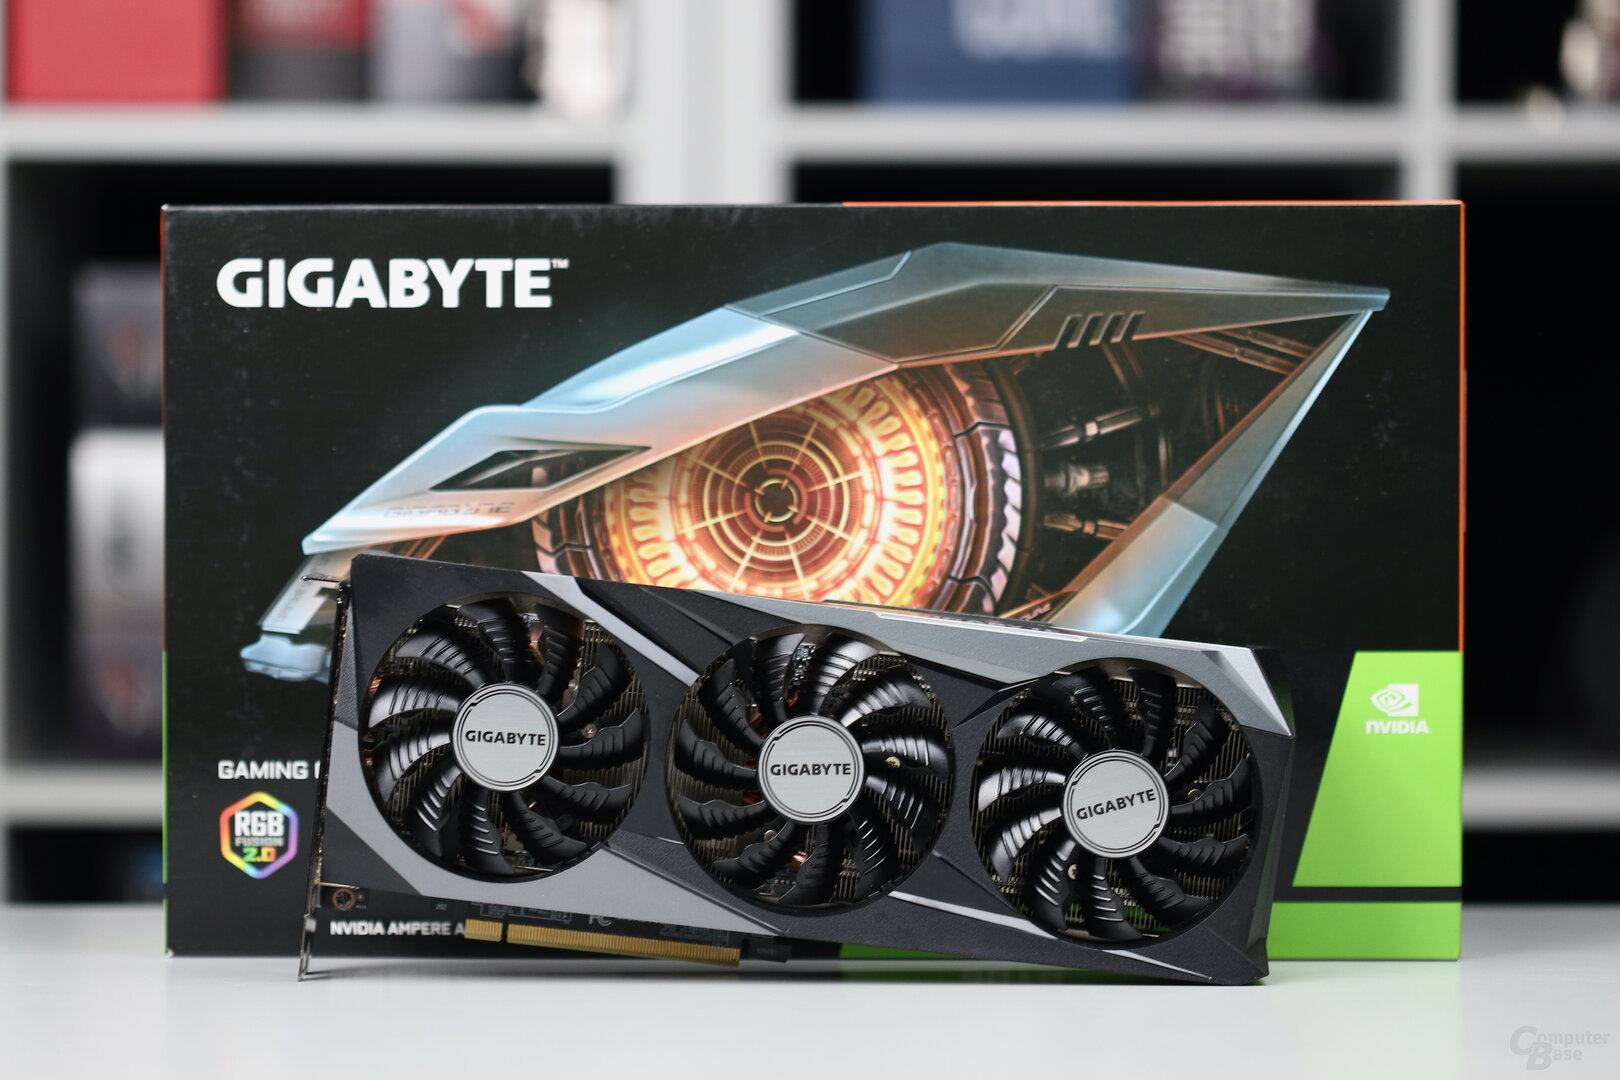 Die Gigabyte GeForce RTX 3070 Gaming OC im Test